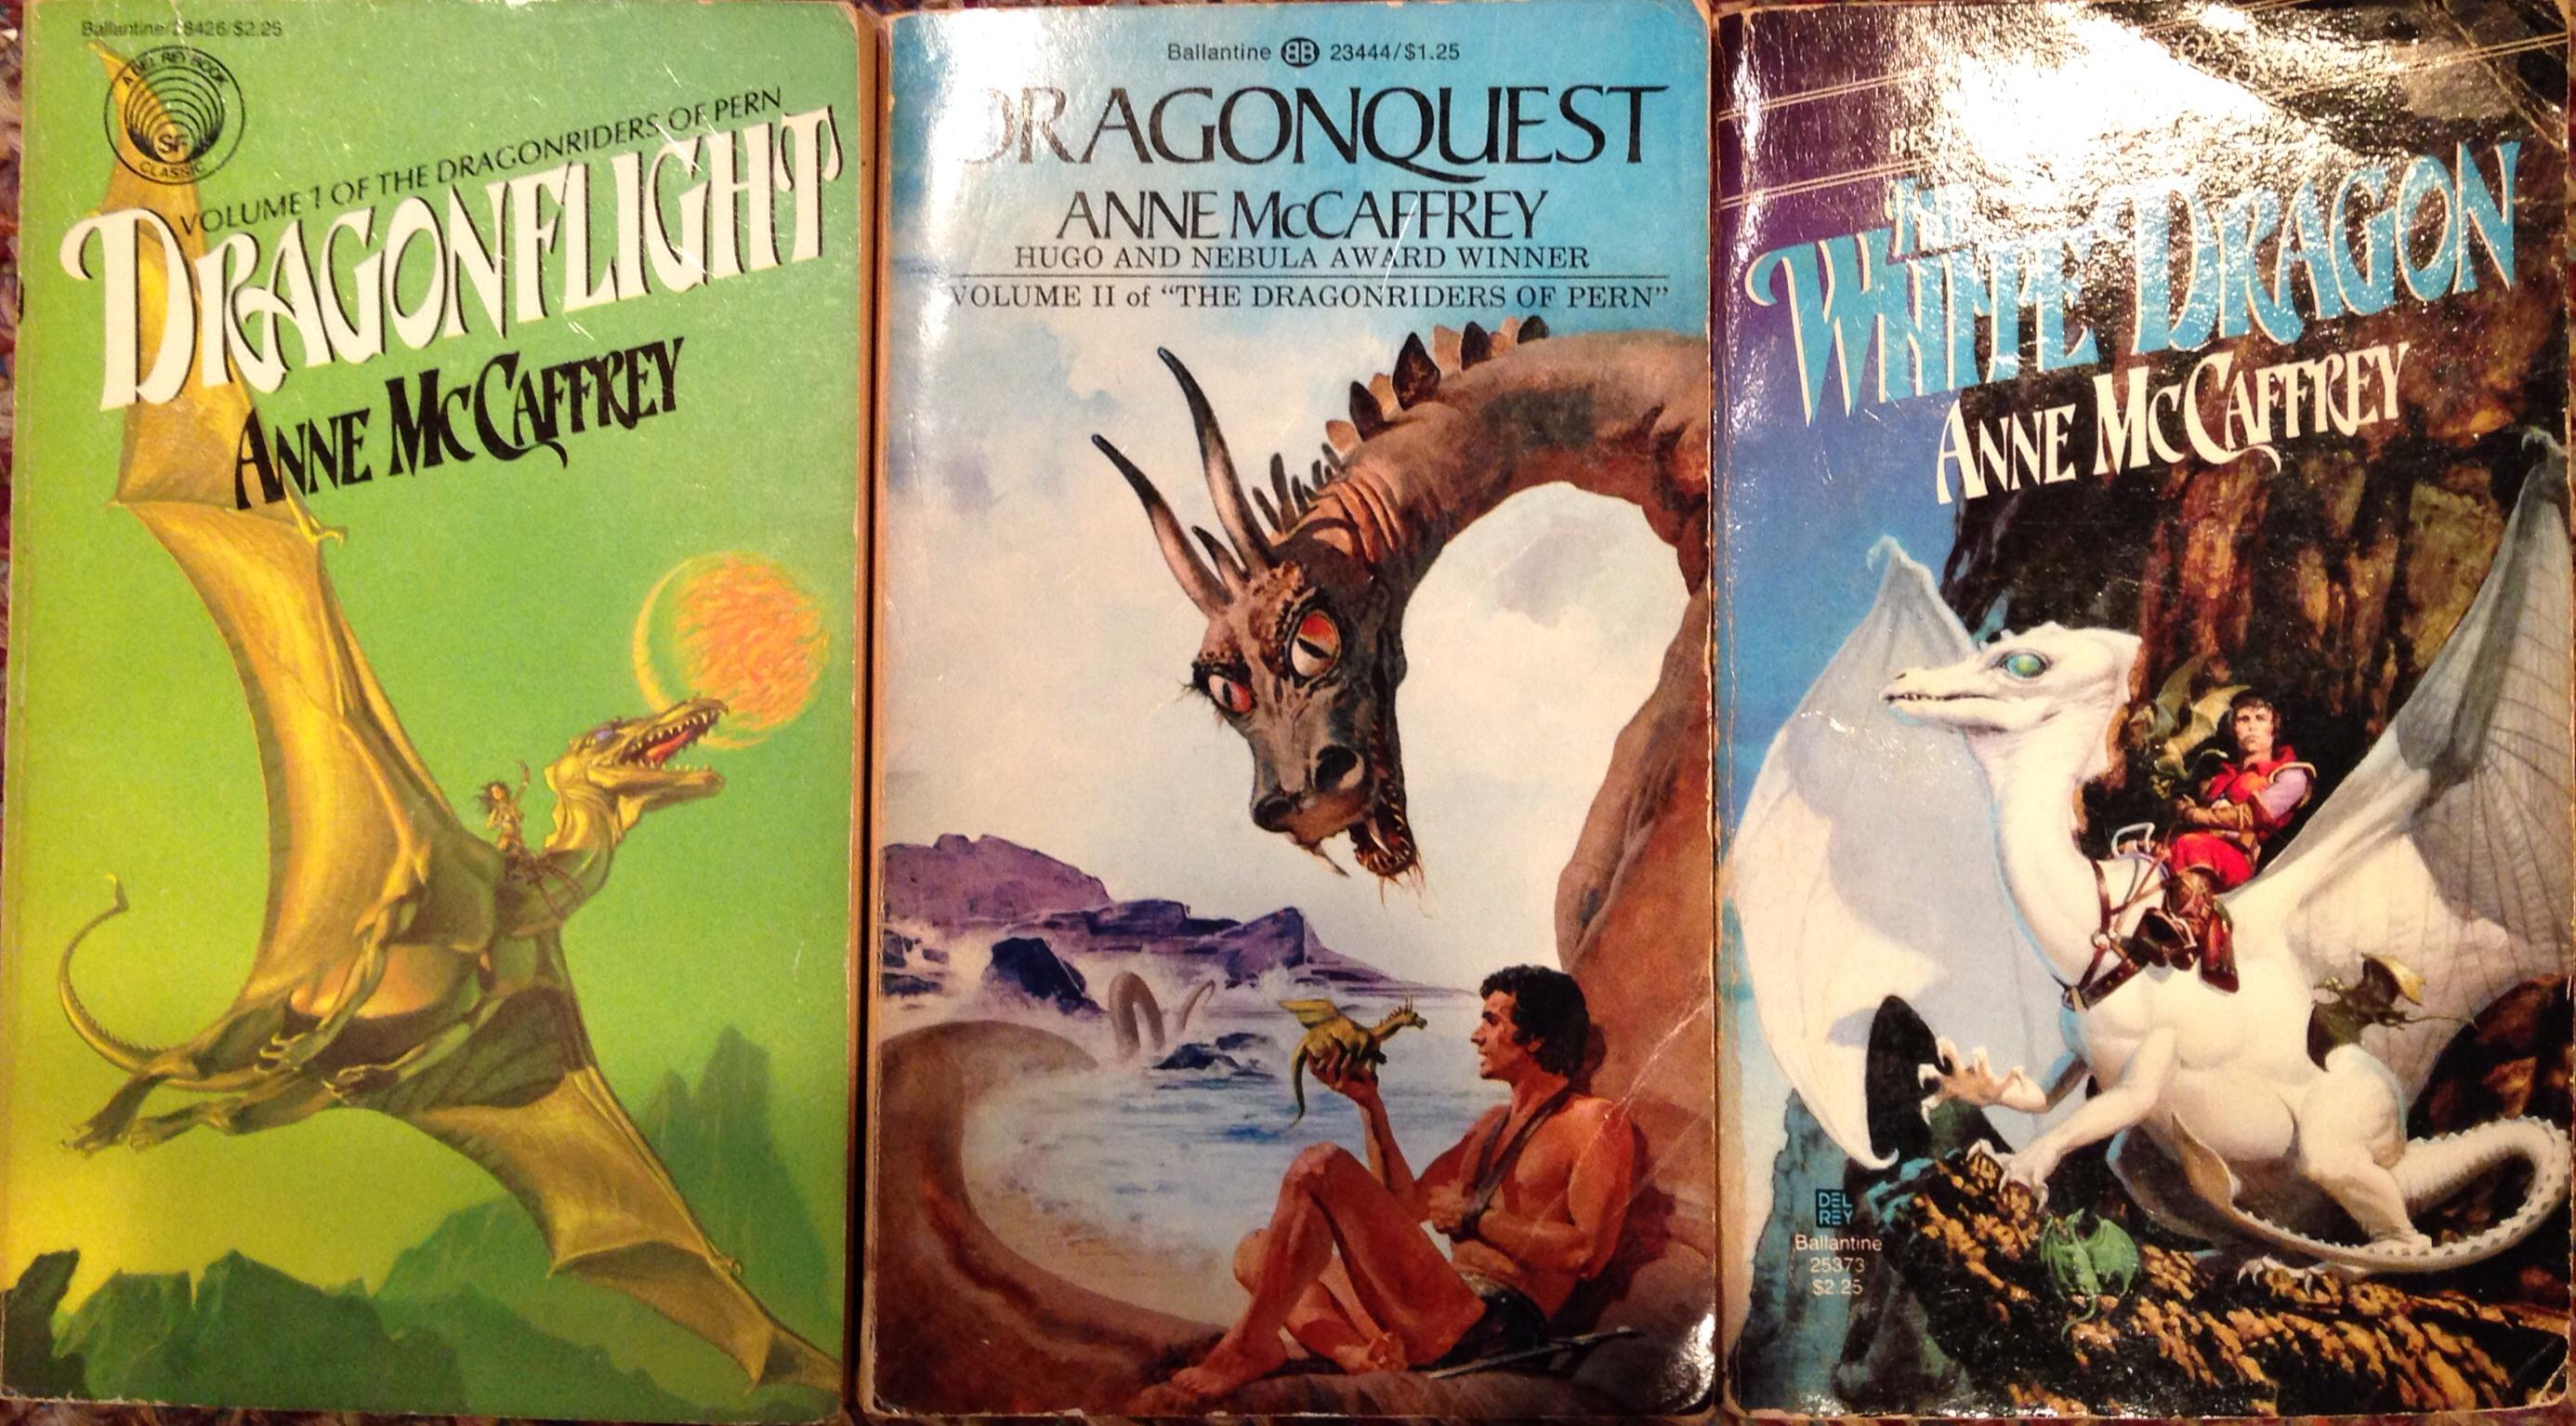 Resultado de imagem para Dragonriders of Pern book series